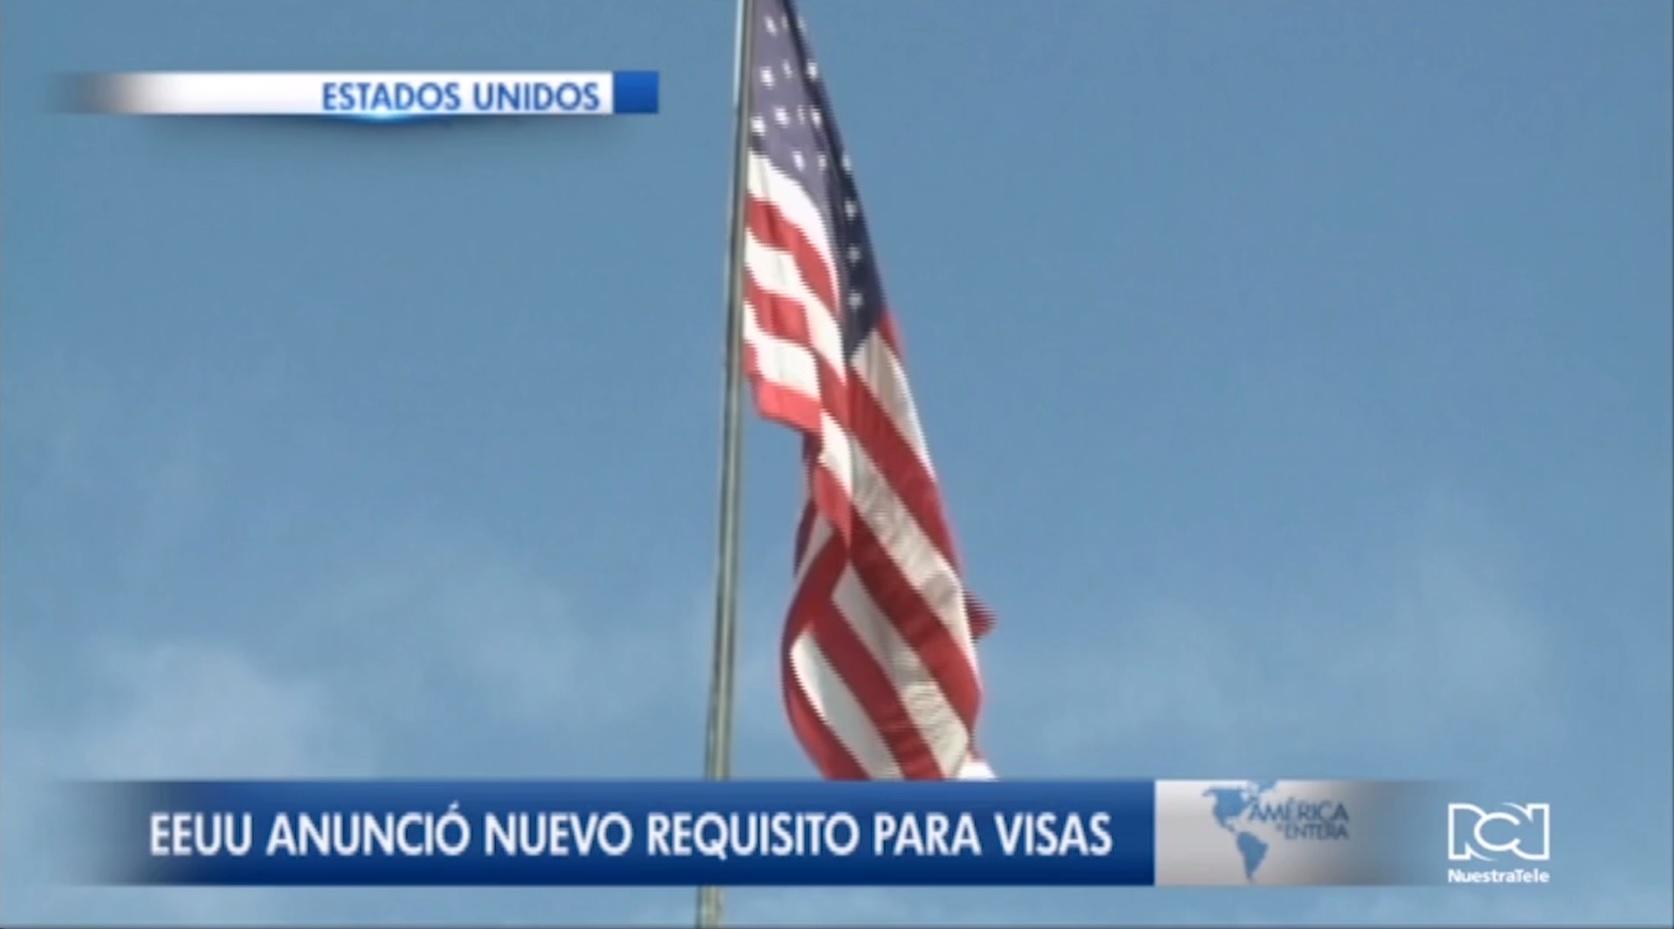 nuevo-requisito-para-la-visa-de-estados-unidos.jpg